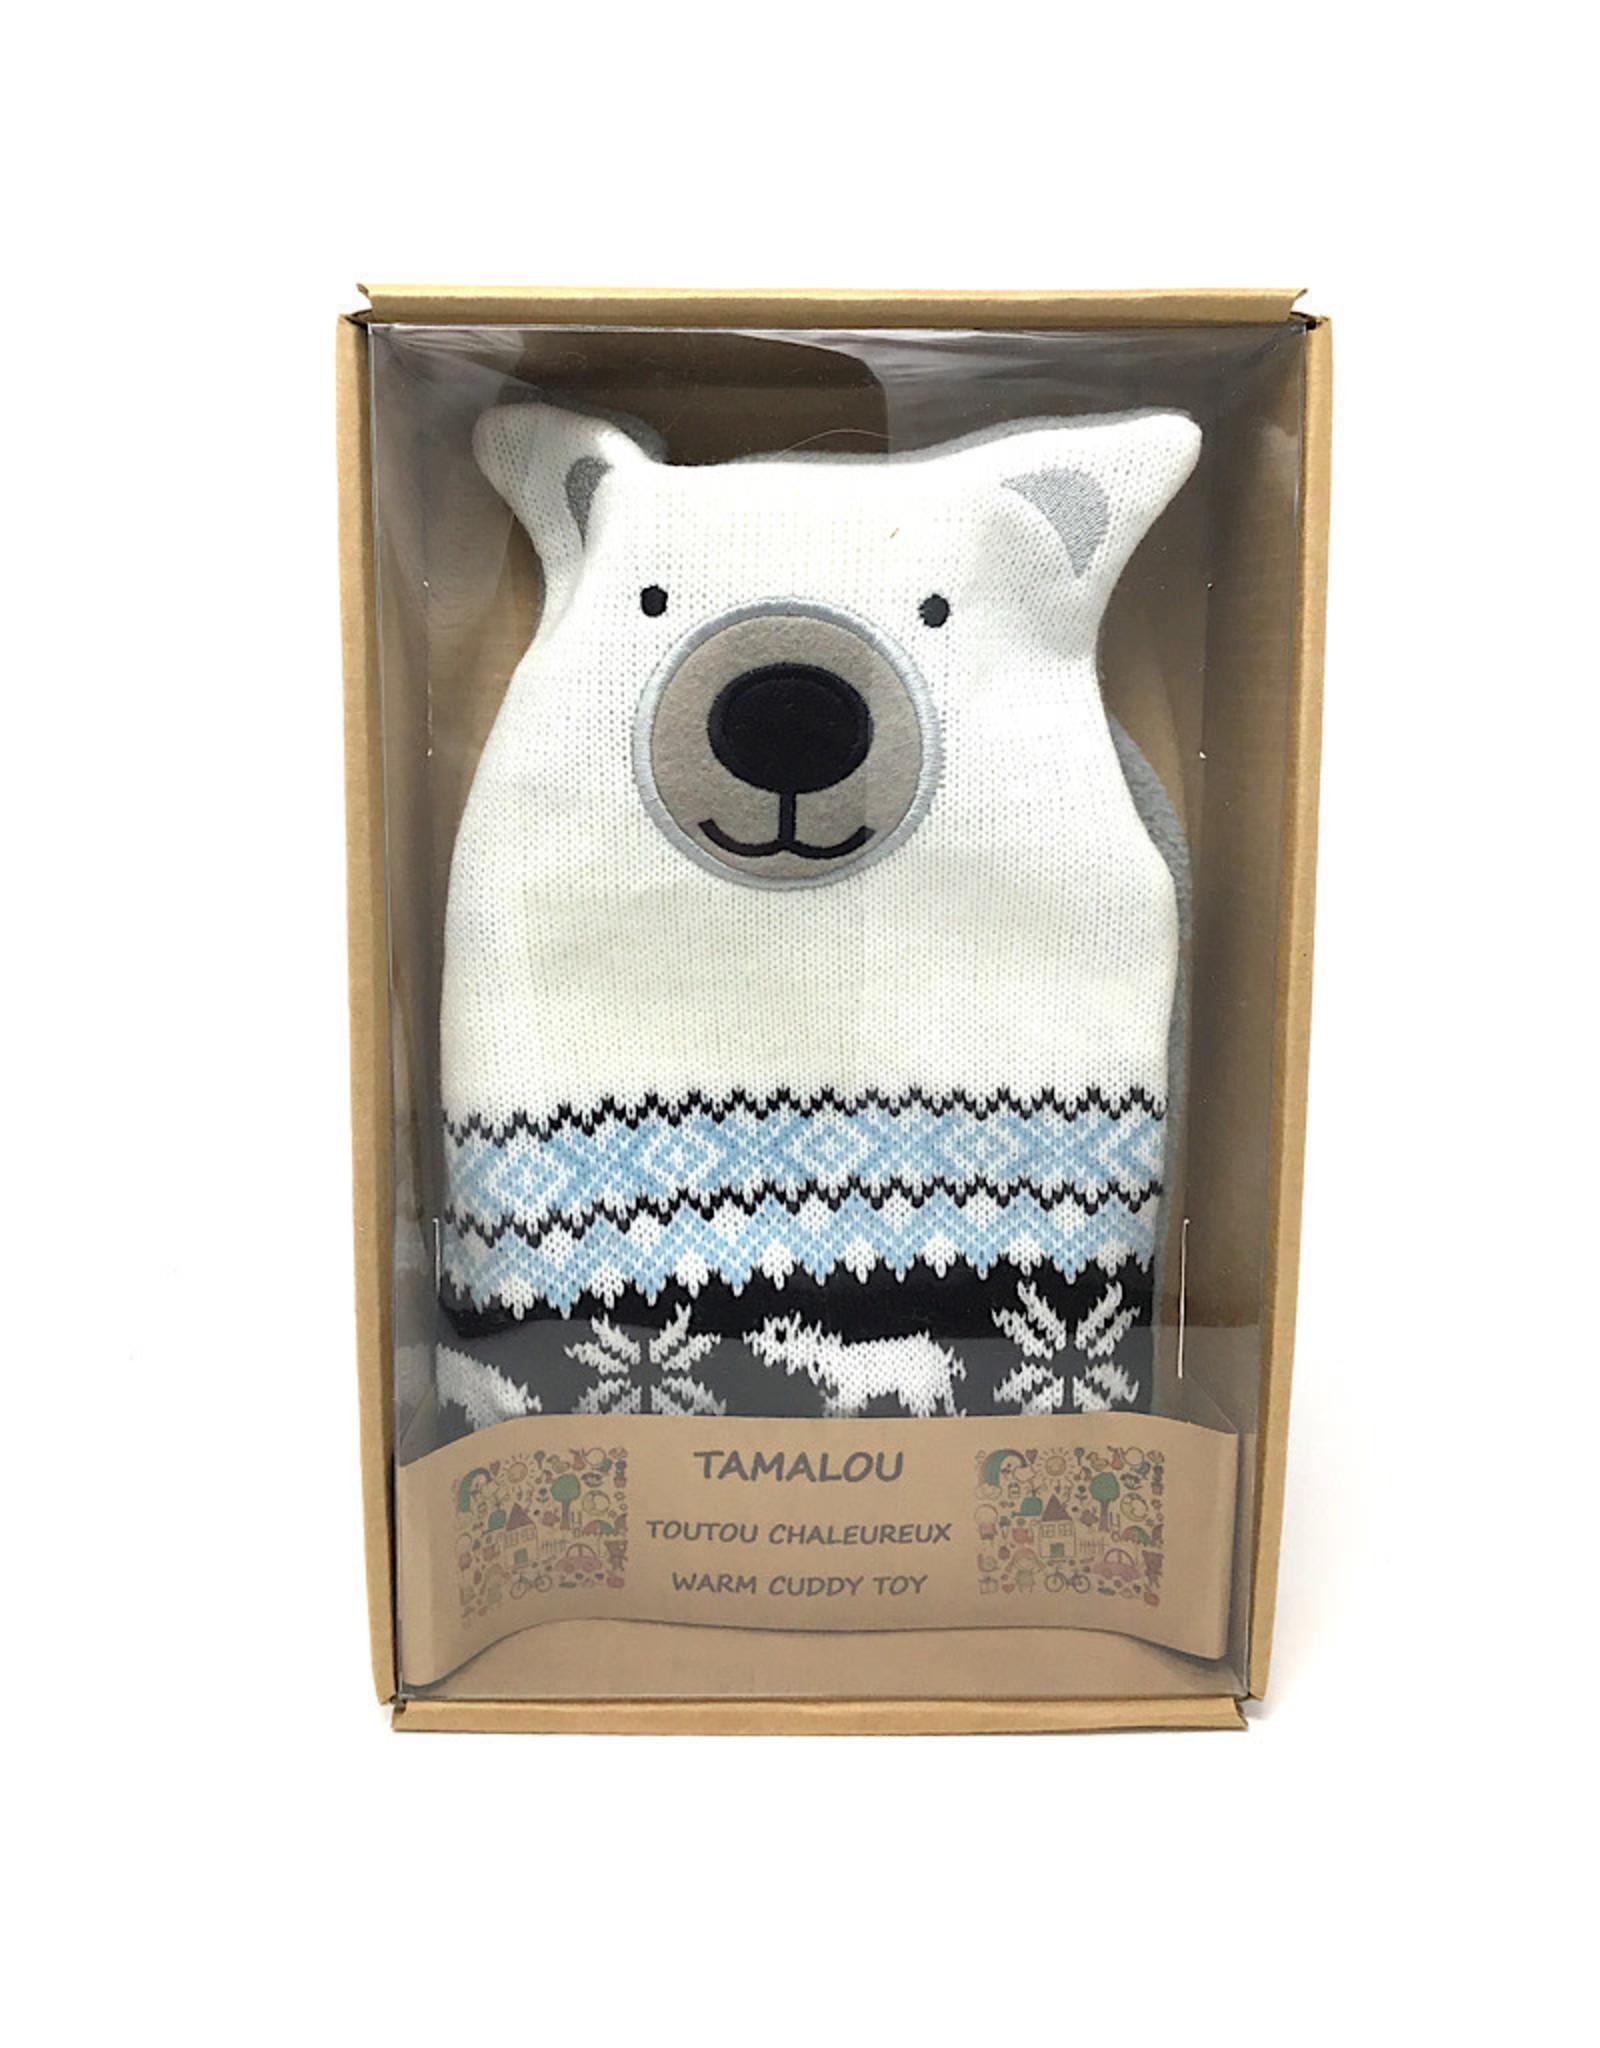 Warm Cuddy Toy